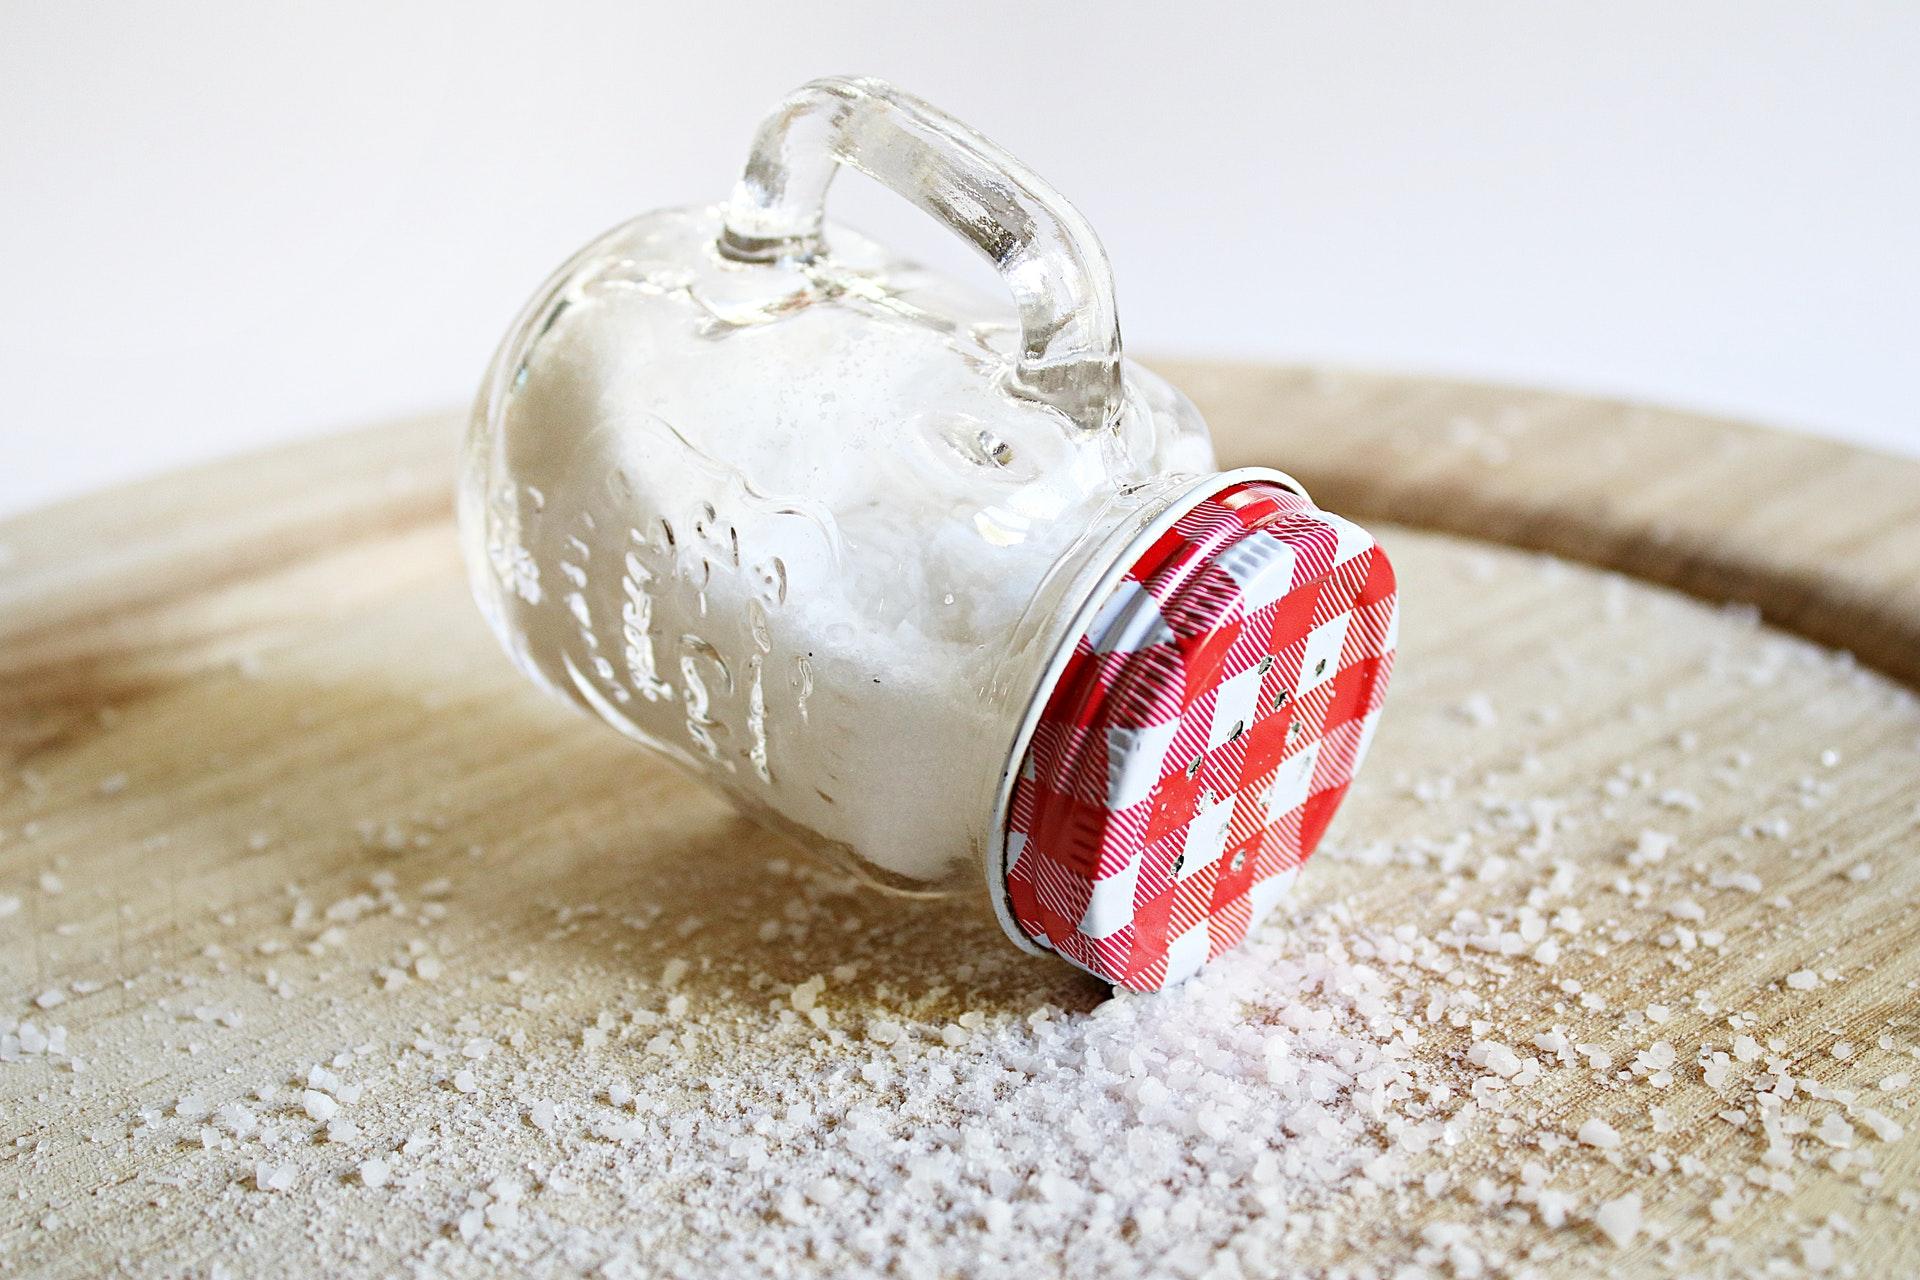 Пища с высоким содержанием соли может сокращать рост раковой опухоли